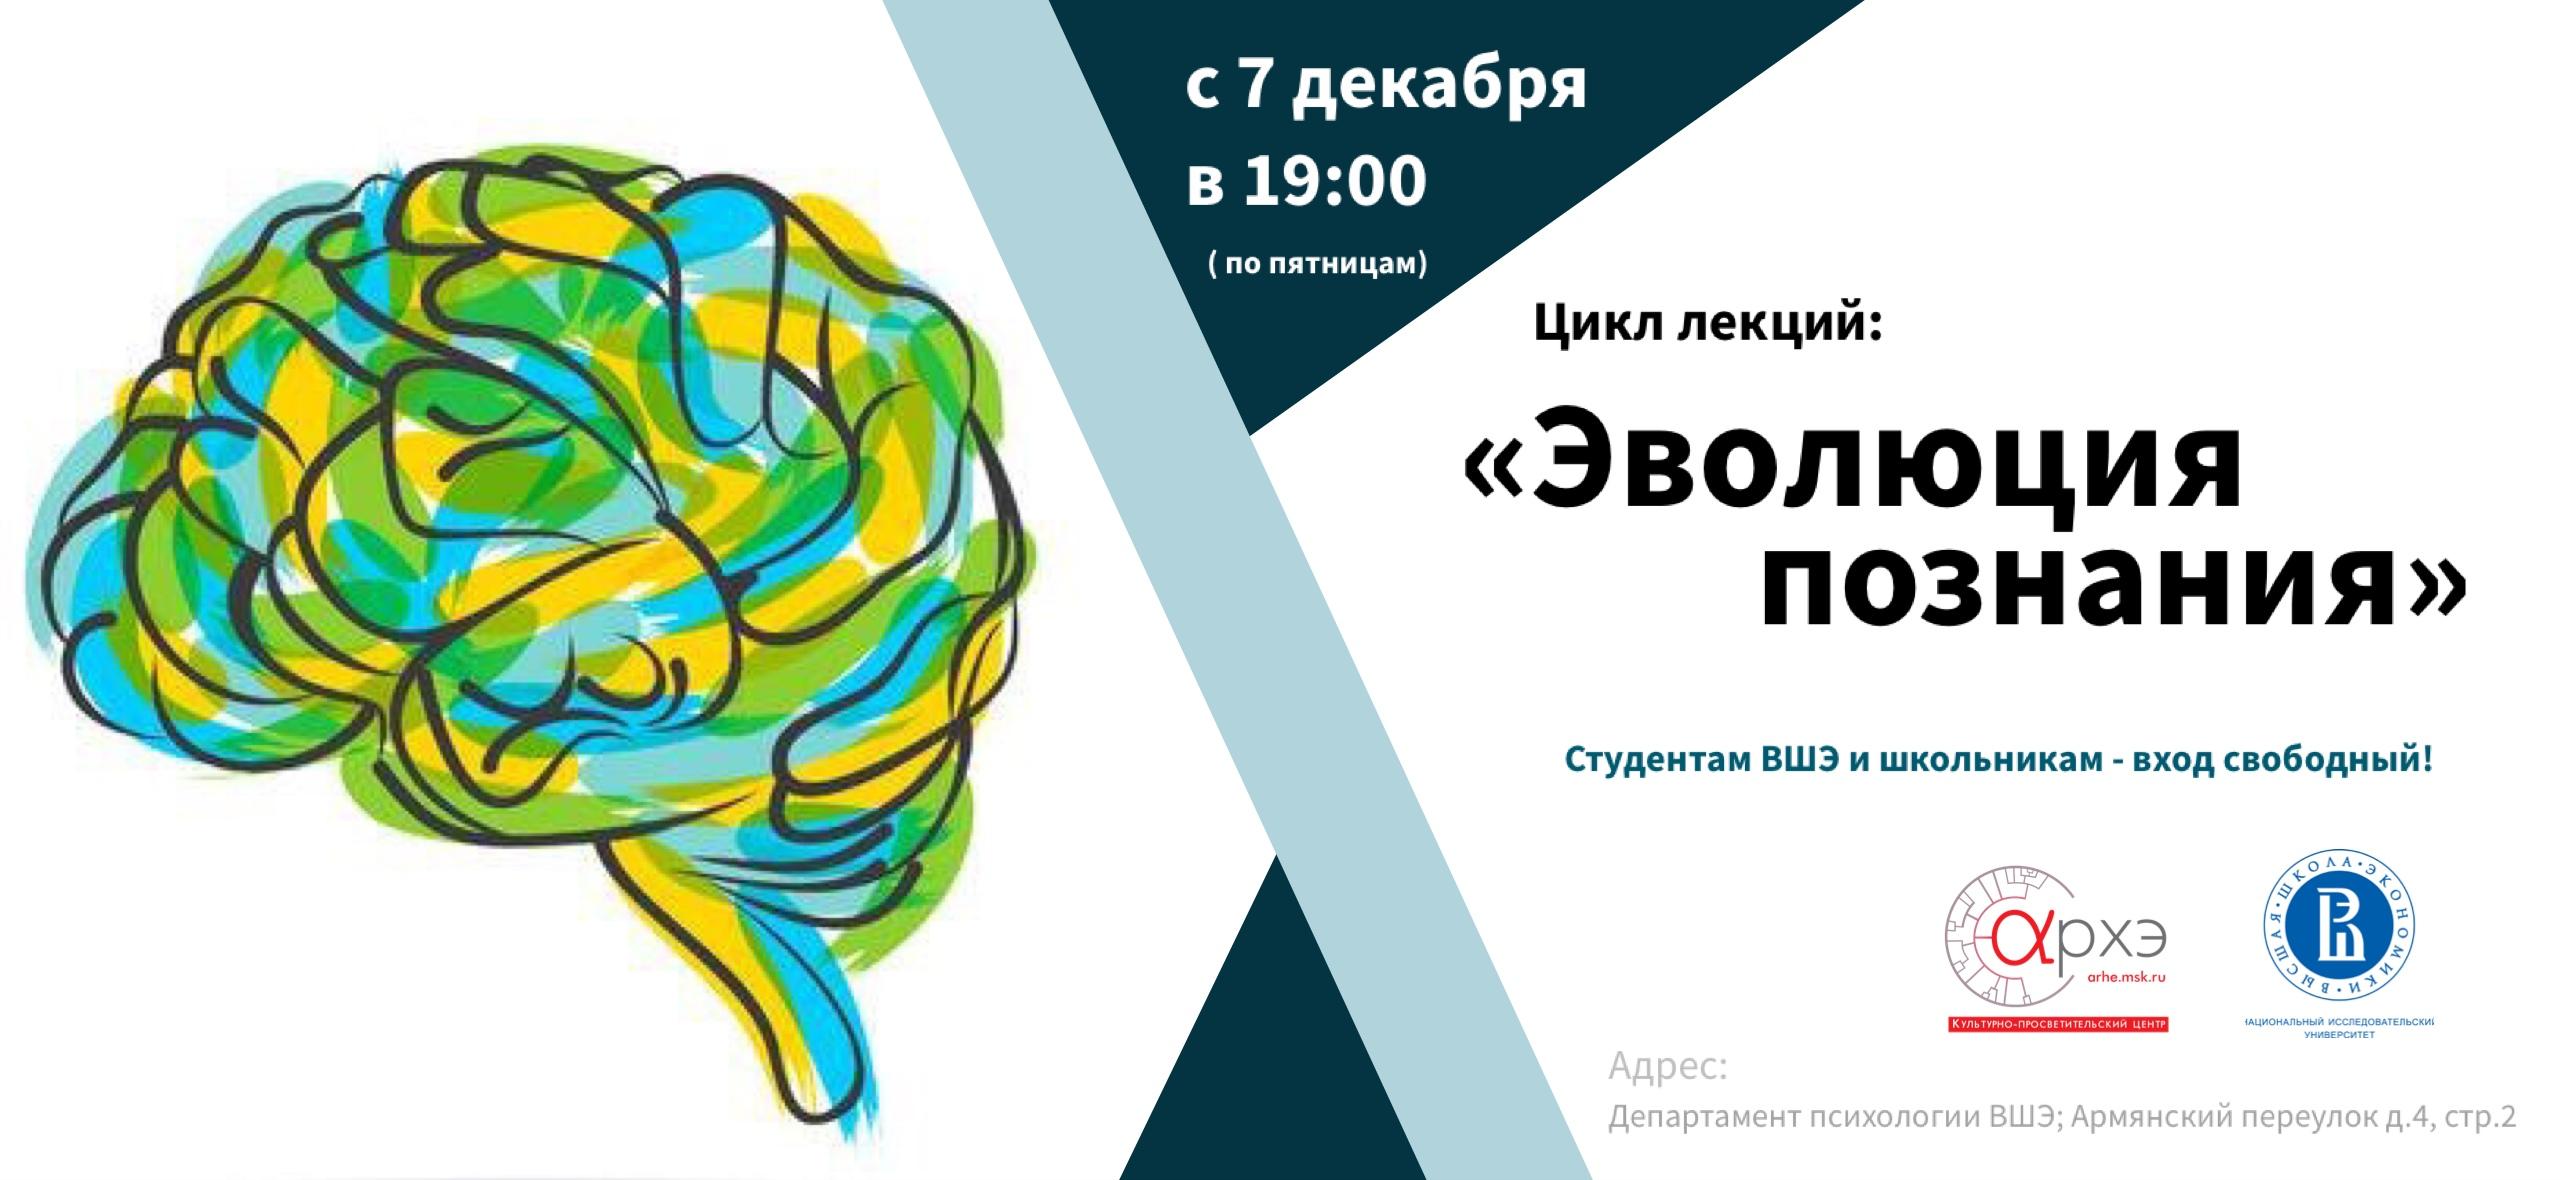 С7 декабря (по пятницам) в19:00 приглашаем всех нановый цикл лекций «Эволюция познания».